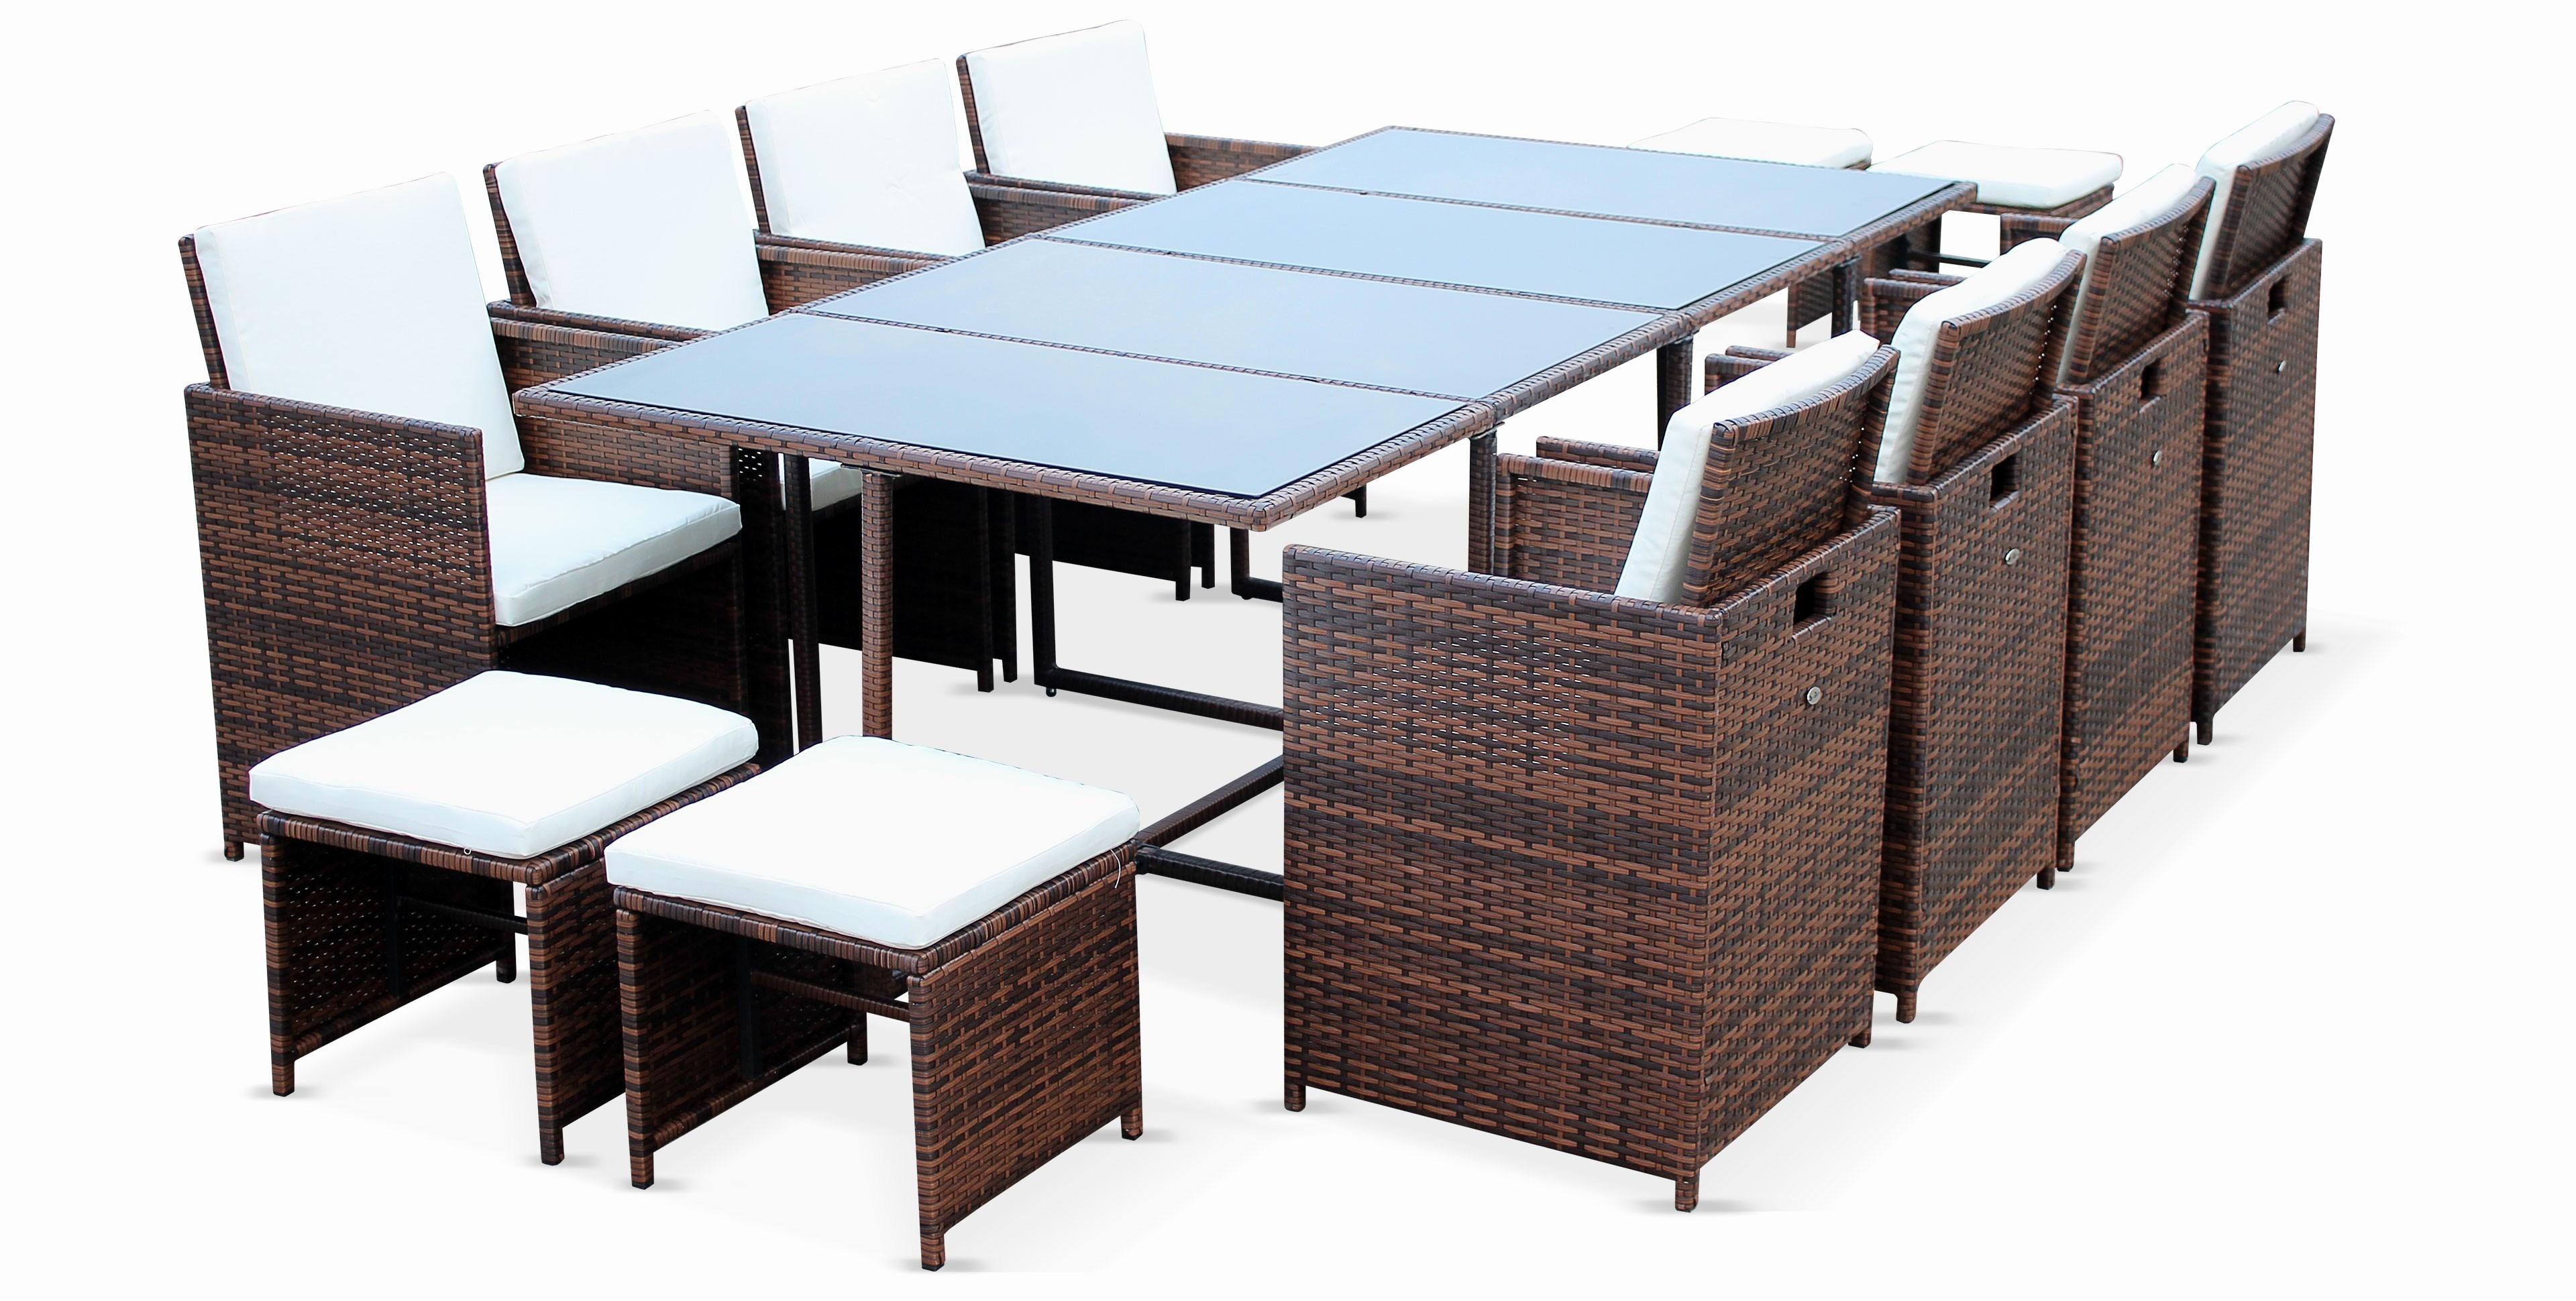 salon de jardin resine tress e amazon jardin piscine et. Black Bedroom Furniture Sets. Home Design Ideas